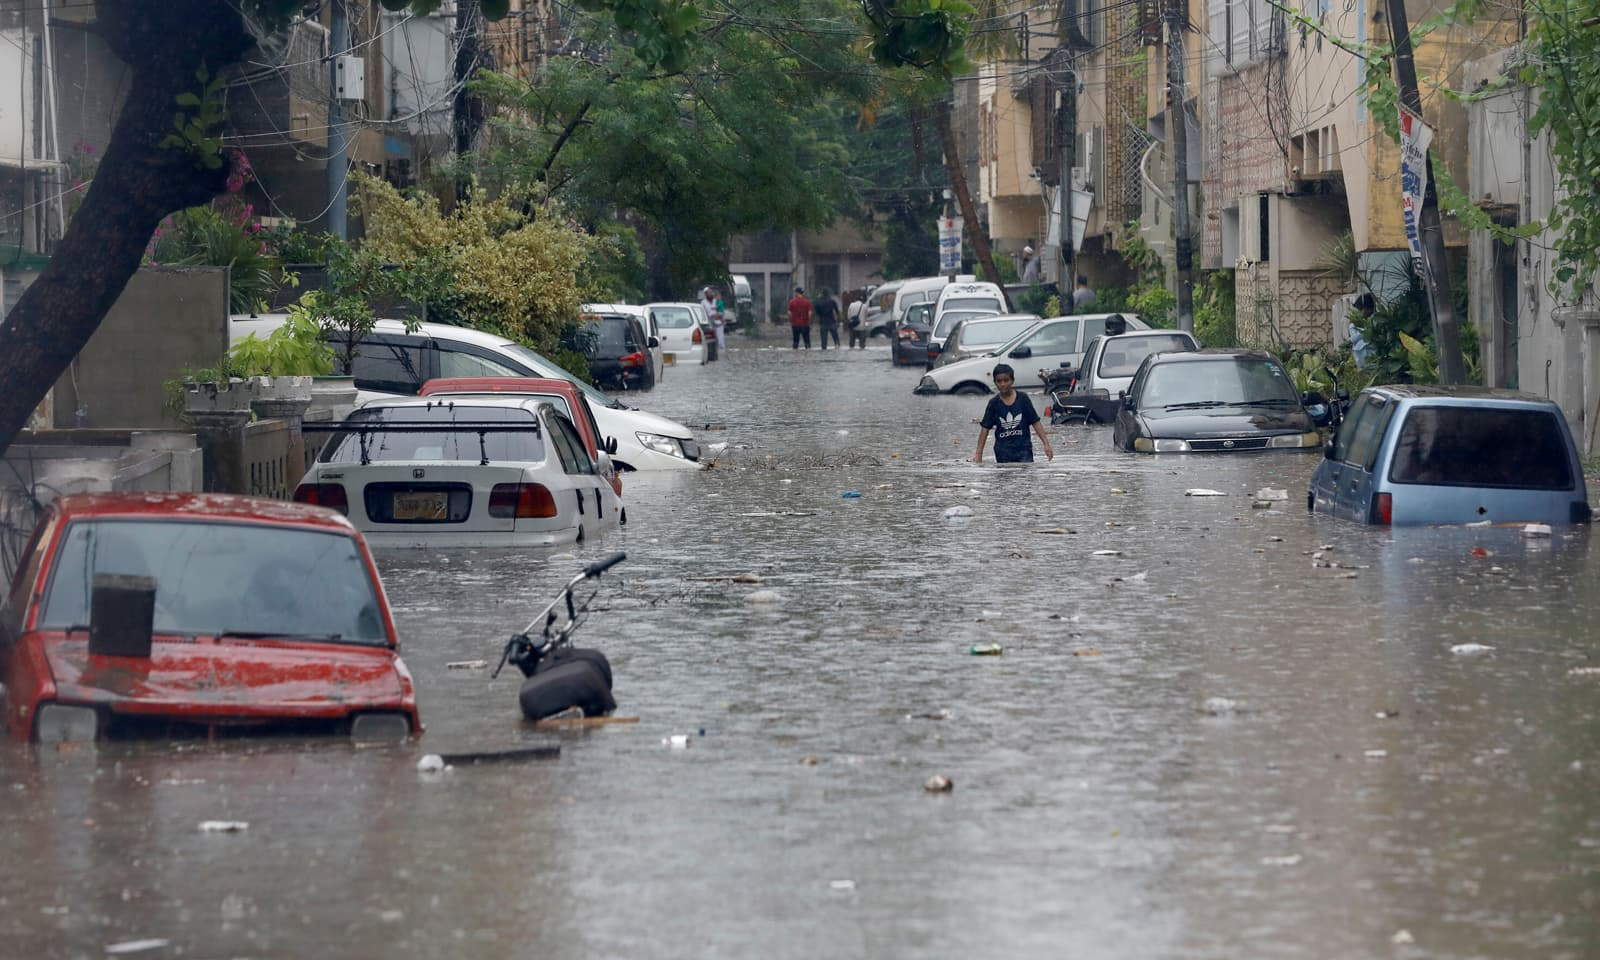 شہر میں چند روز سے مسلسل بارش ہو رہی ہے— فوٹو: رائٹرز